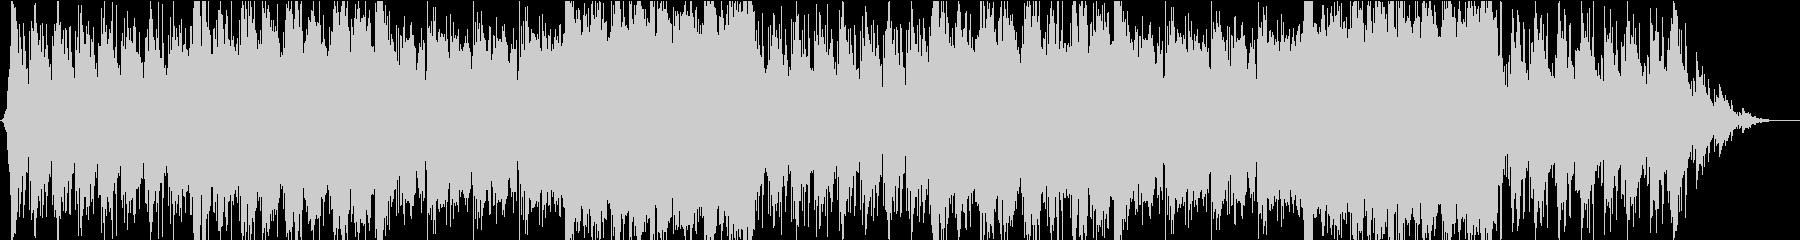 ゲーム・バトル系モノのループ曲2の未再生の波形